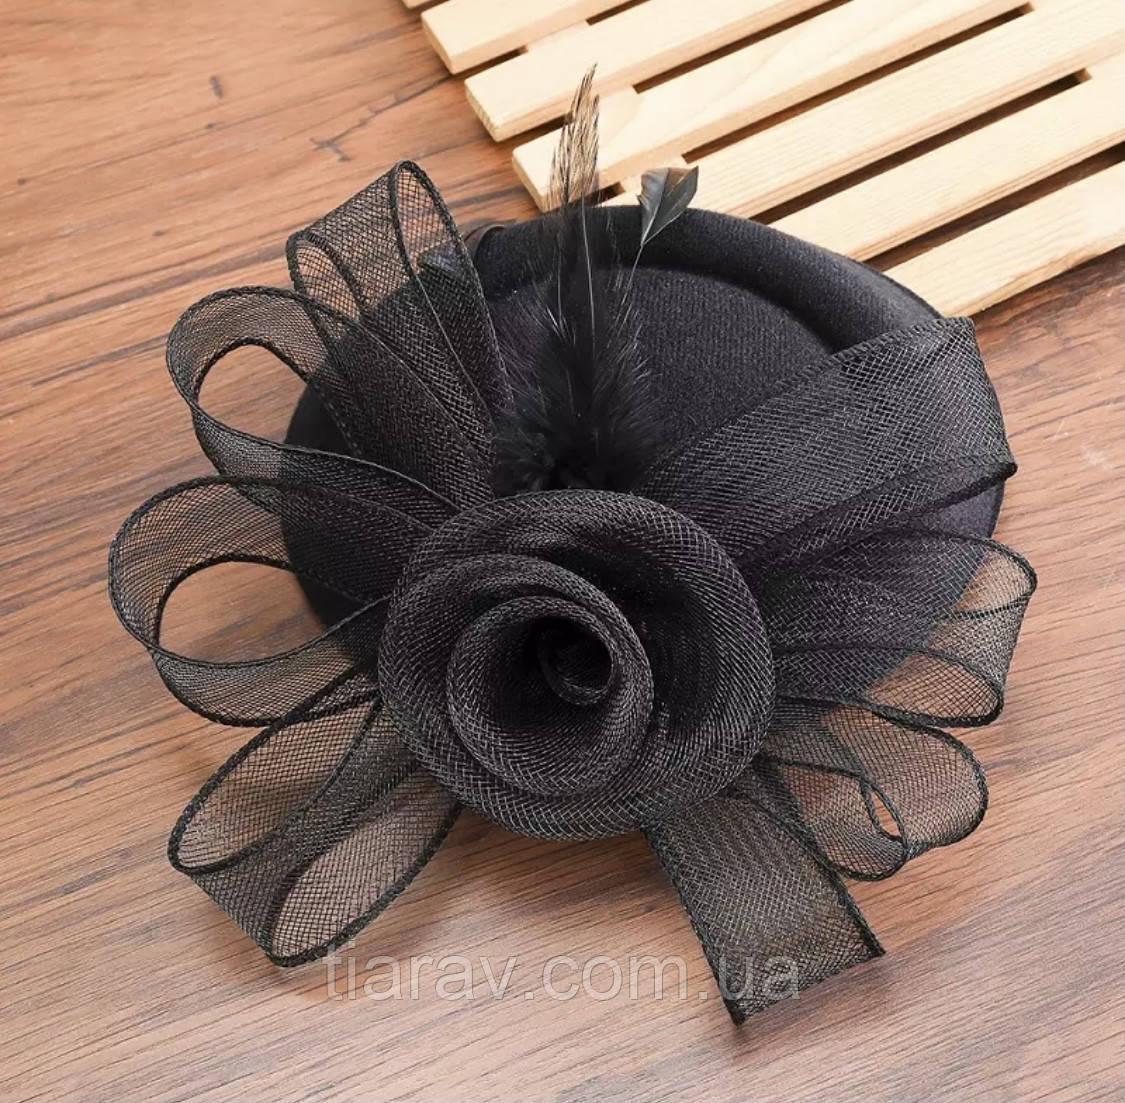 Шляпка с вуалью, шляпа чёрная с вуалью